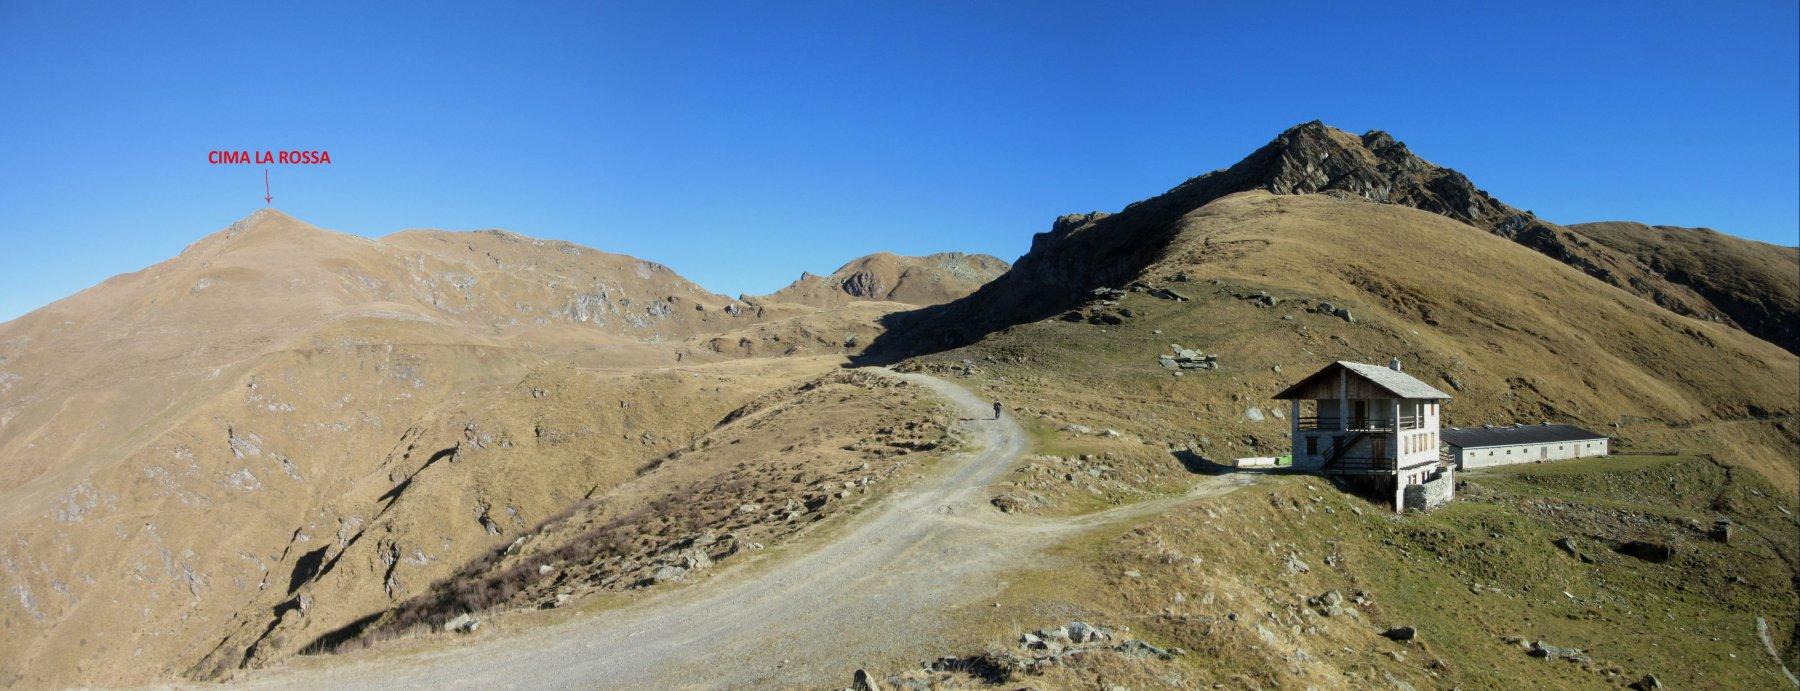 Alpe di Monastero e Cima La Rossa